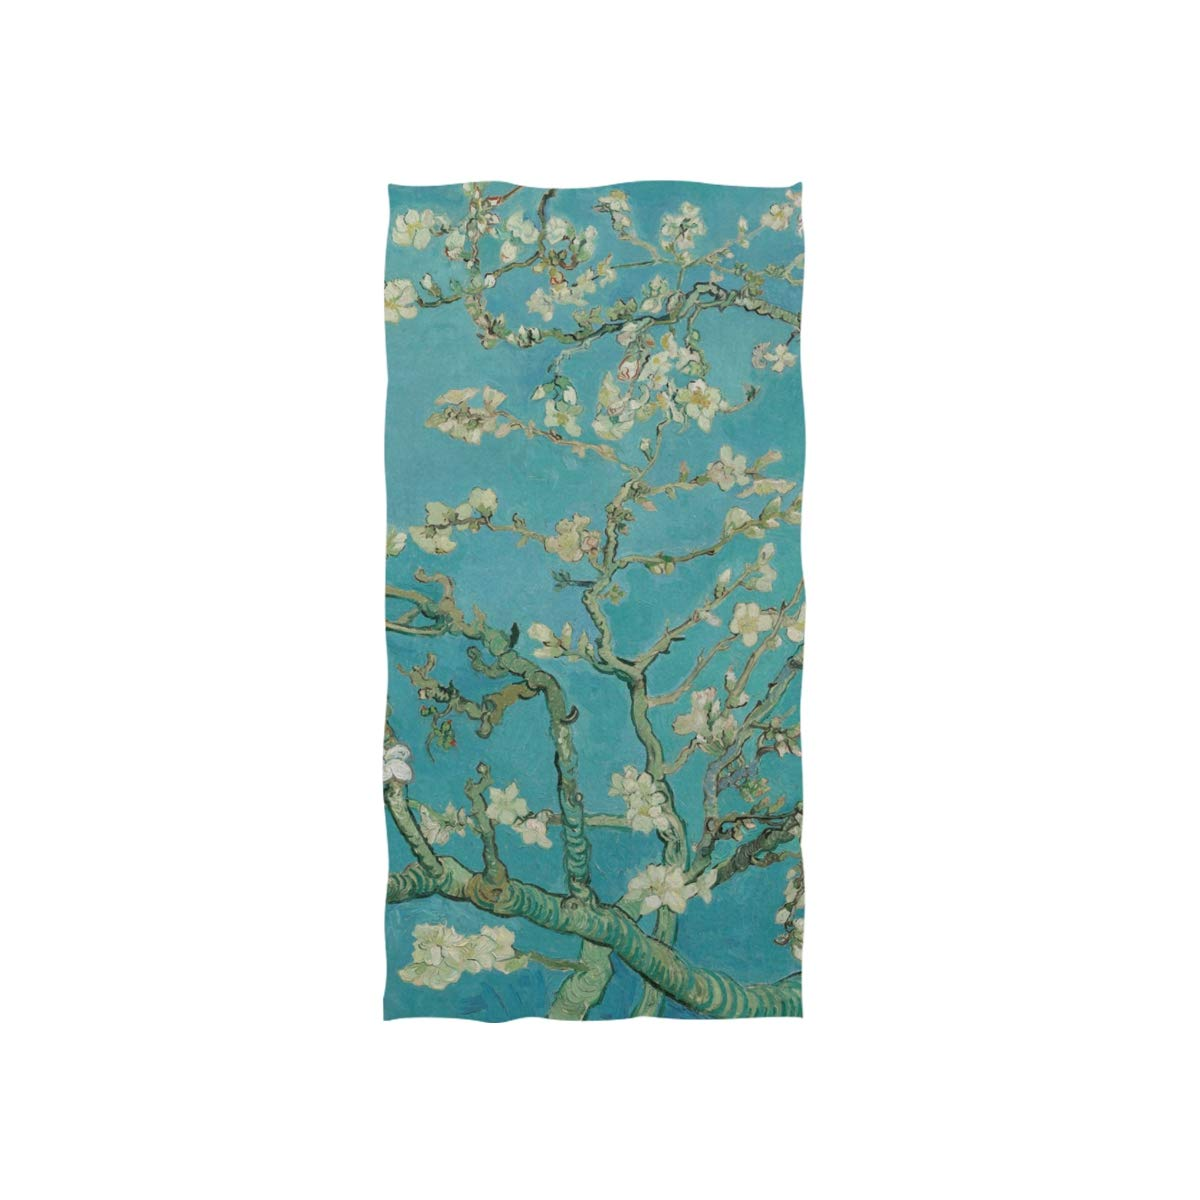 Le Visage la Main Van Gogh Branches damandier en Fleur Serviettes Multifonction Extra absorbantes pour Le Bain la Salle de Gym et Le Spa Ahomy Serviettes de Toilette 38 cm x 76 cm